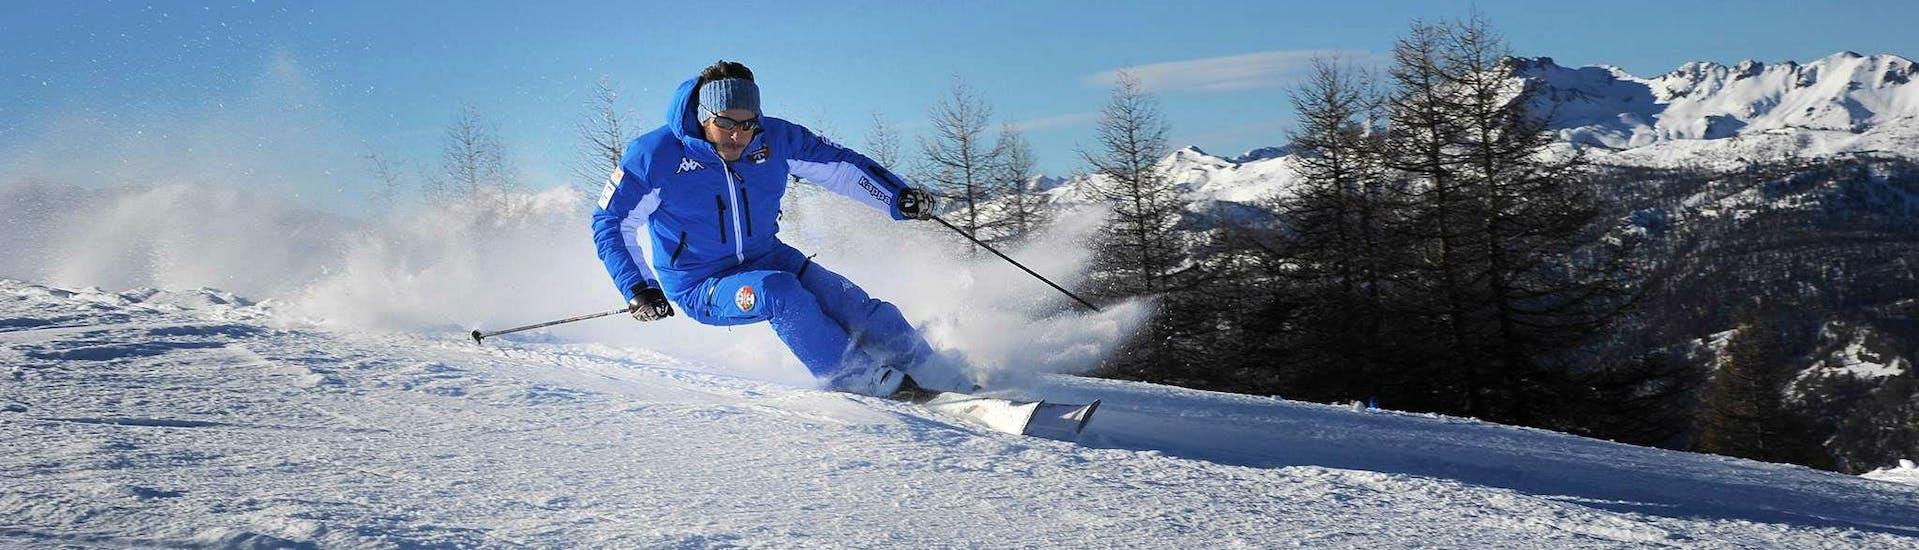 Un maestro della Scuola di Sci Olimpionica a Sestriere sta insegnando la giusta tecnica sciistica durante le Lezioni private di sci per adulti - Tutti i livelli.